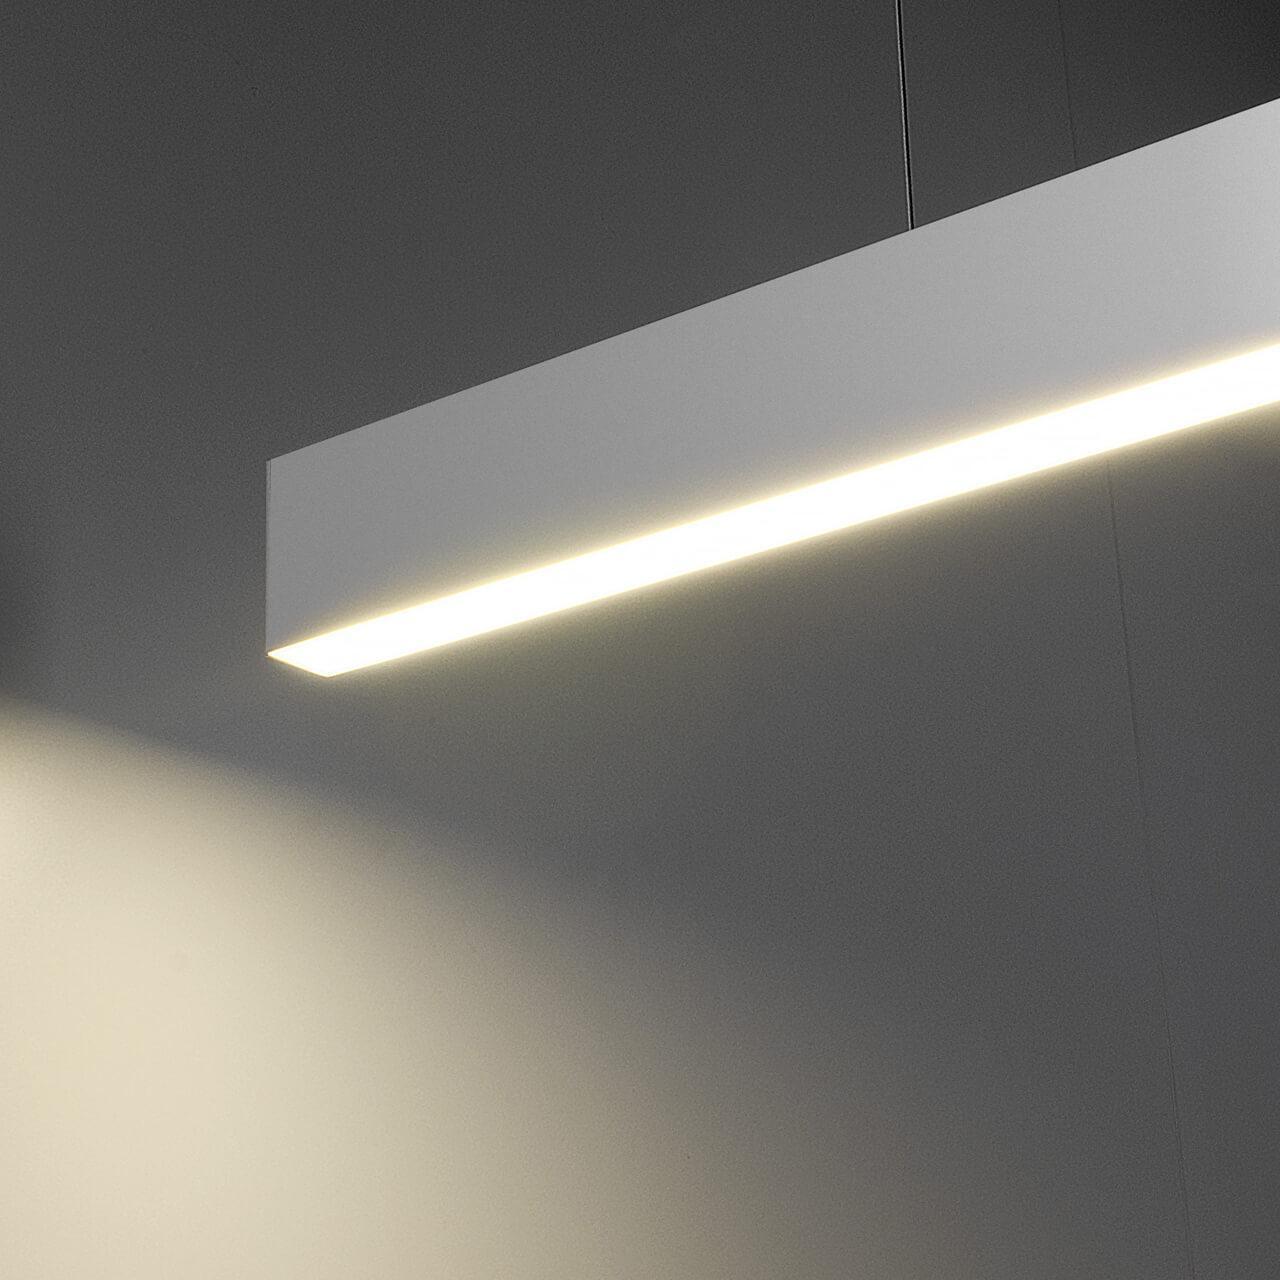 Подвесной светодиодный светильник Elektrostandard LSG-01-1-8 103-16-4200-MS 4690389129469 цены